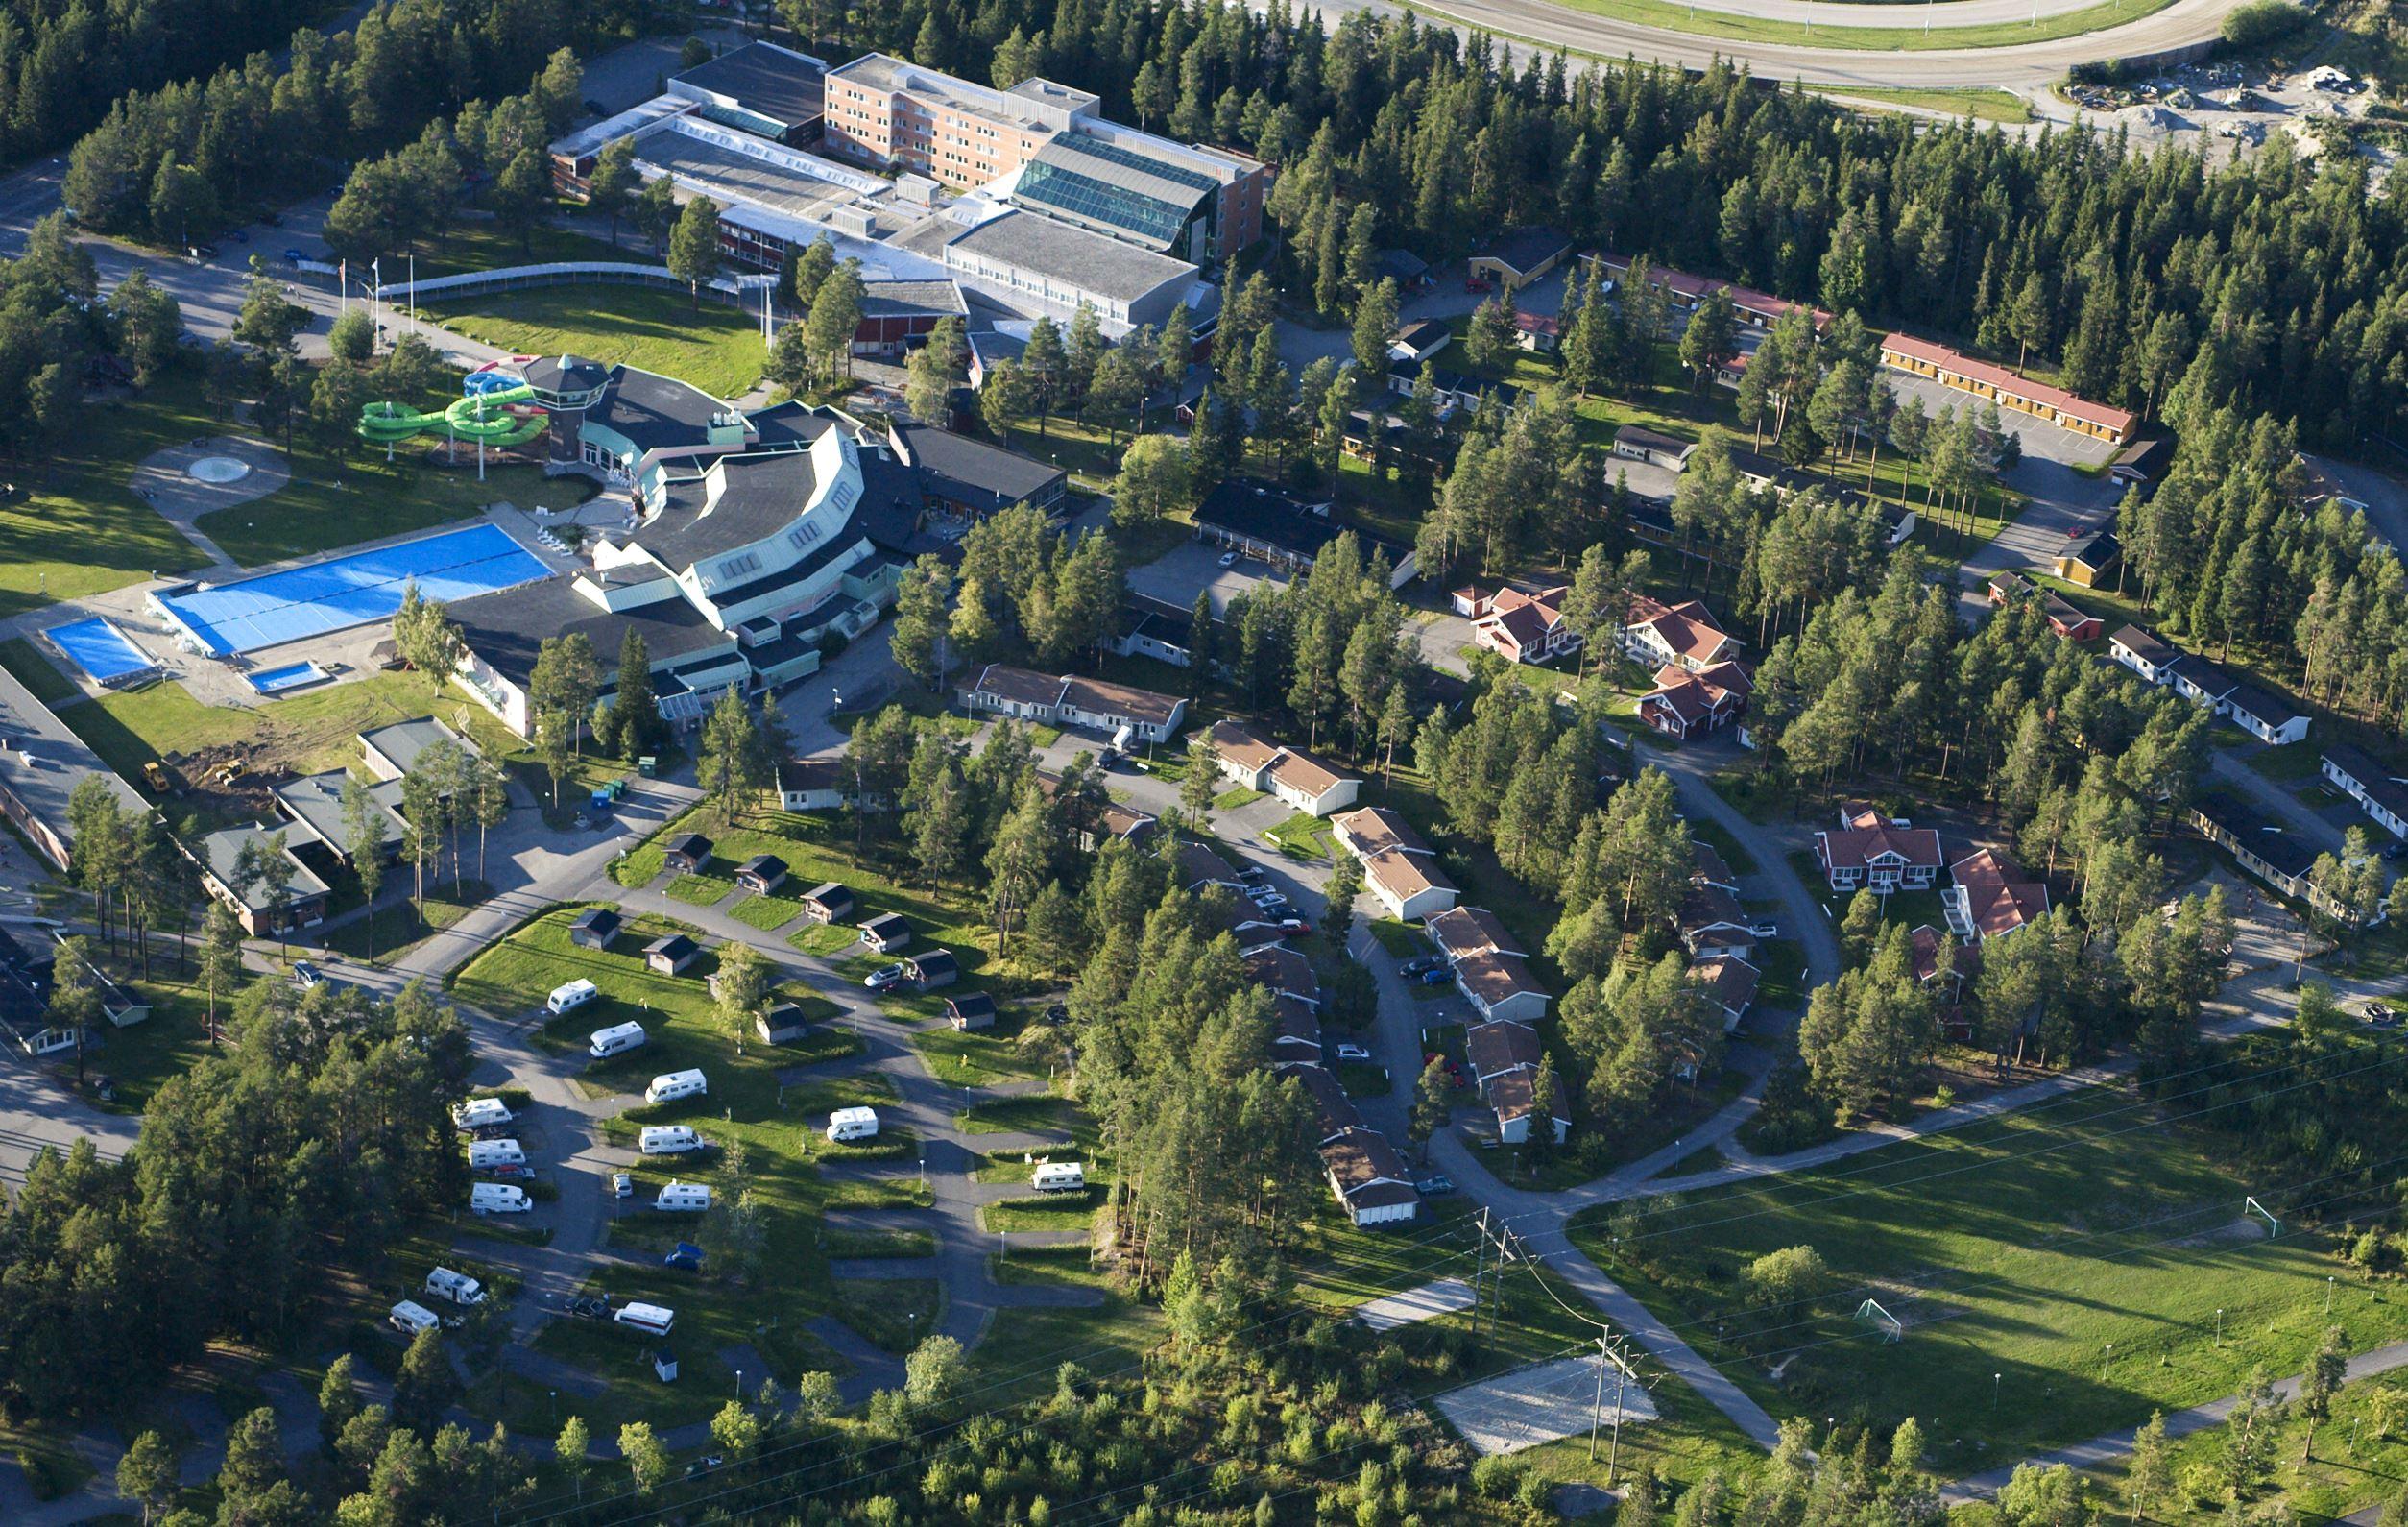 Foto: Östersunds Stugby & Camping,  © Copy: Östersunds Stugby & Camping, Flygbild Östersunds Stugby & Camping